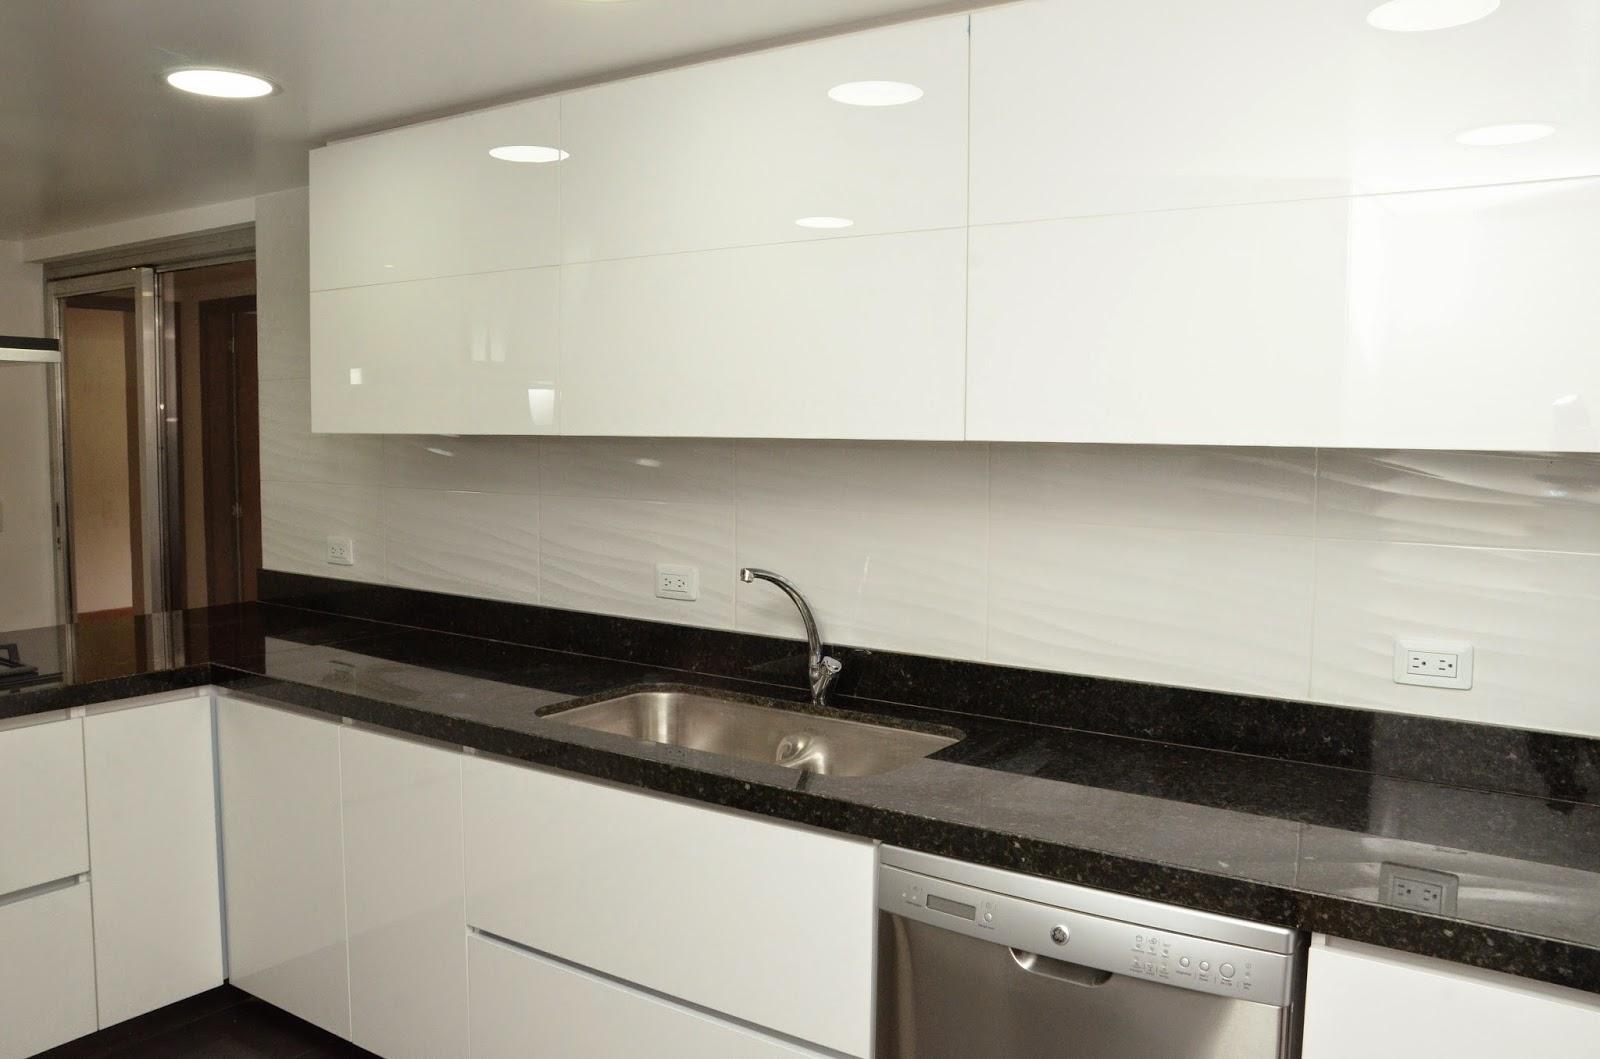 Muebles Cocina Negro | Mi Cocina Diseño De Cocina Lacado En Crema Y ...